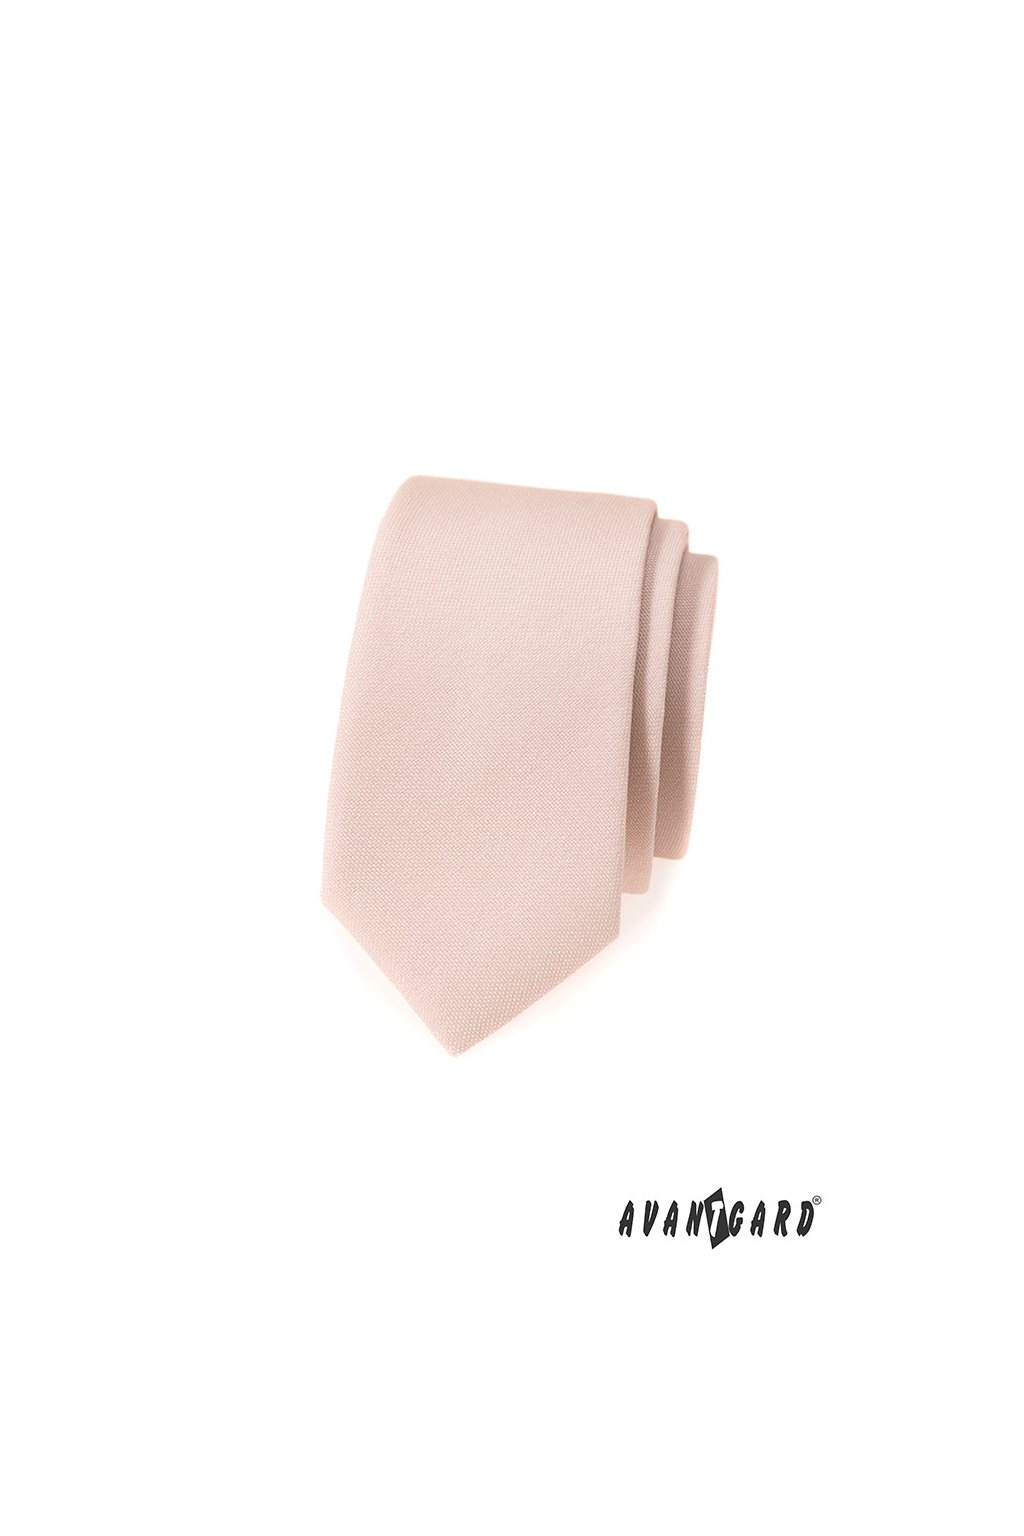 Svatební úzká kravata ivory 571 - 9832